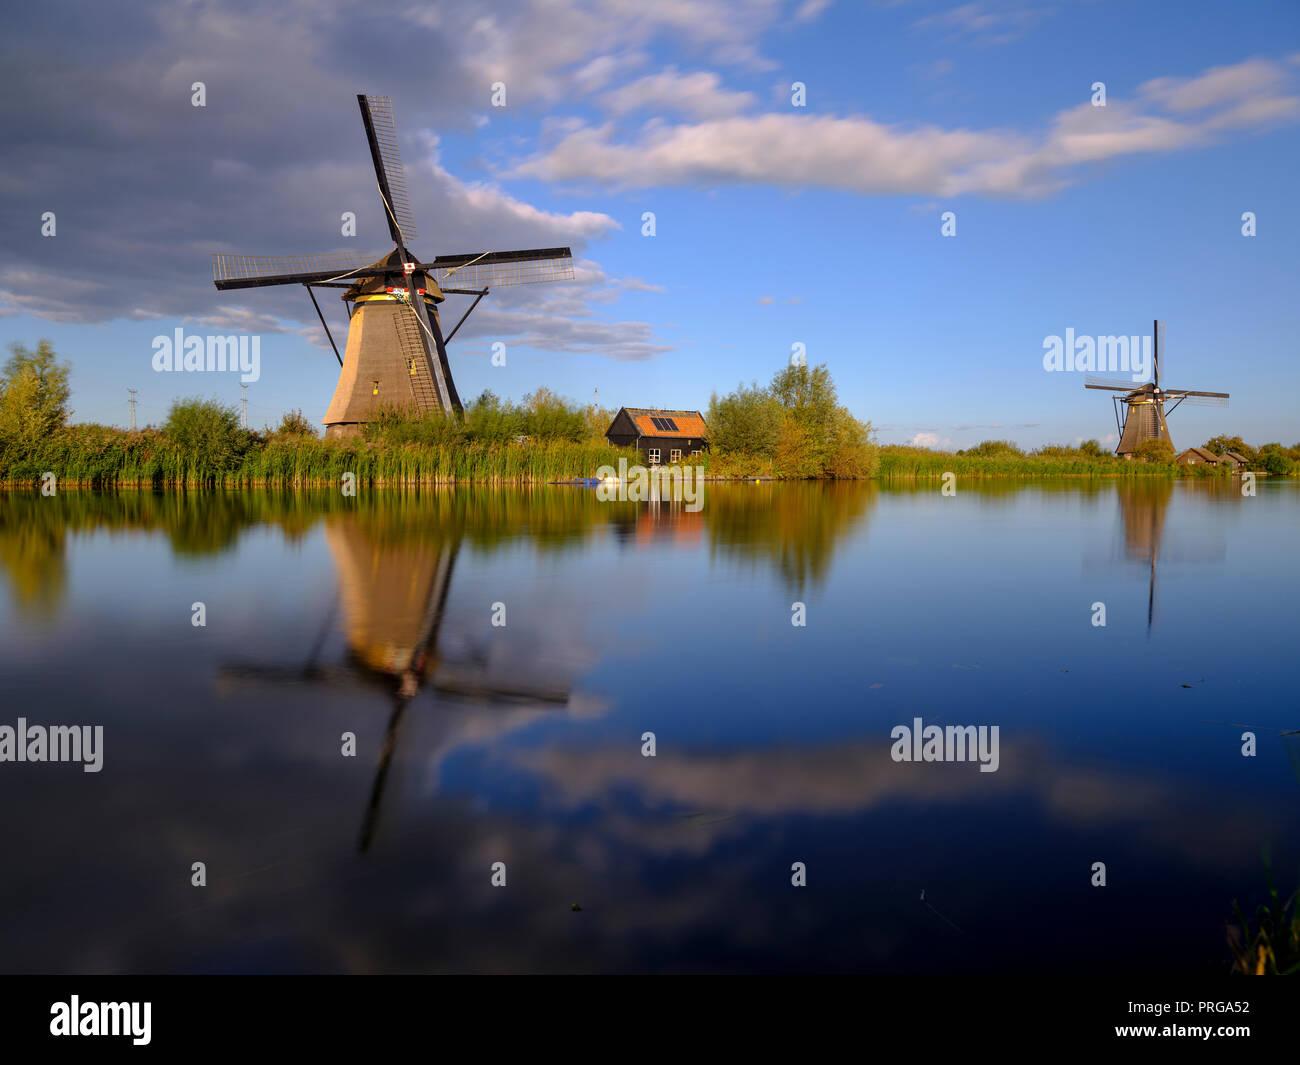 Autunno golden ora luce sui mulini a vento, canali e polder di Kinderdijk, vicino a Rotterdam, Paesi Bassi Immagini Stock